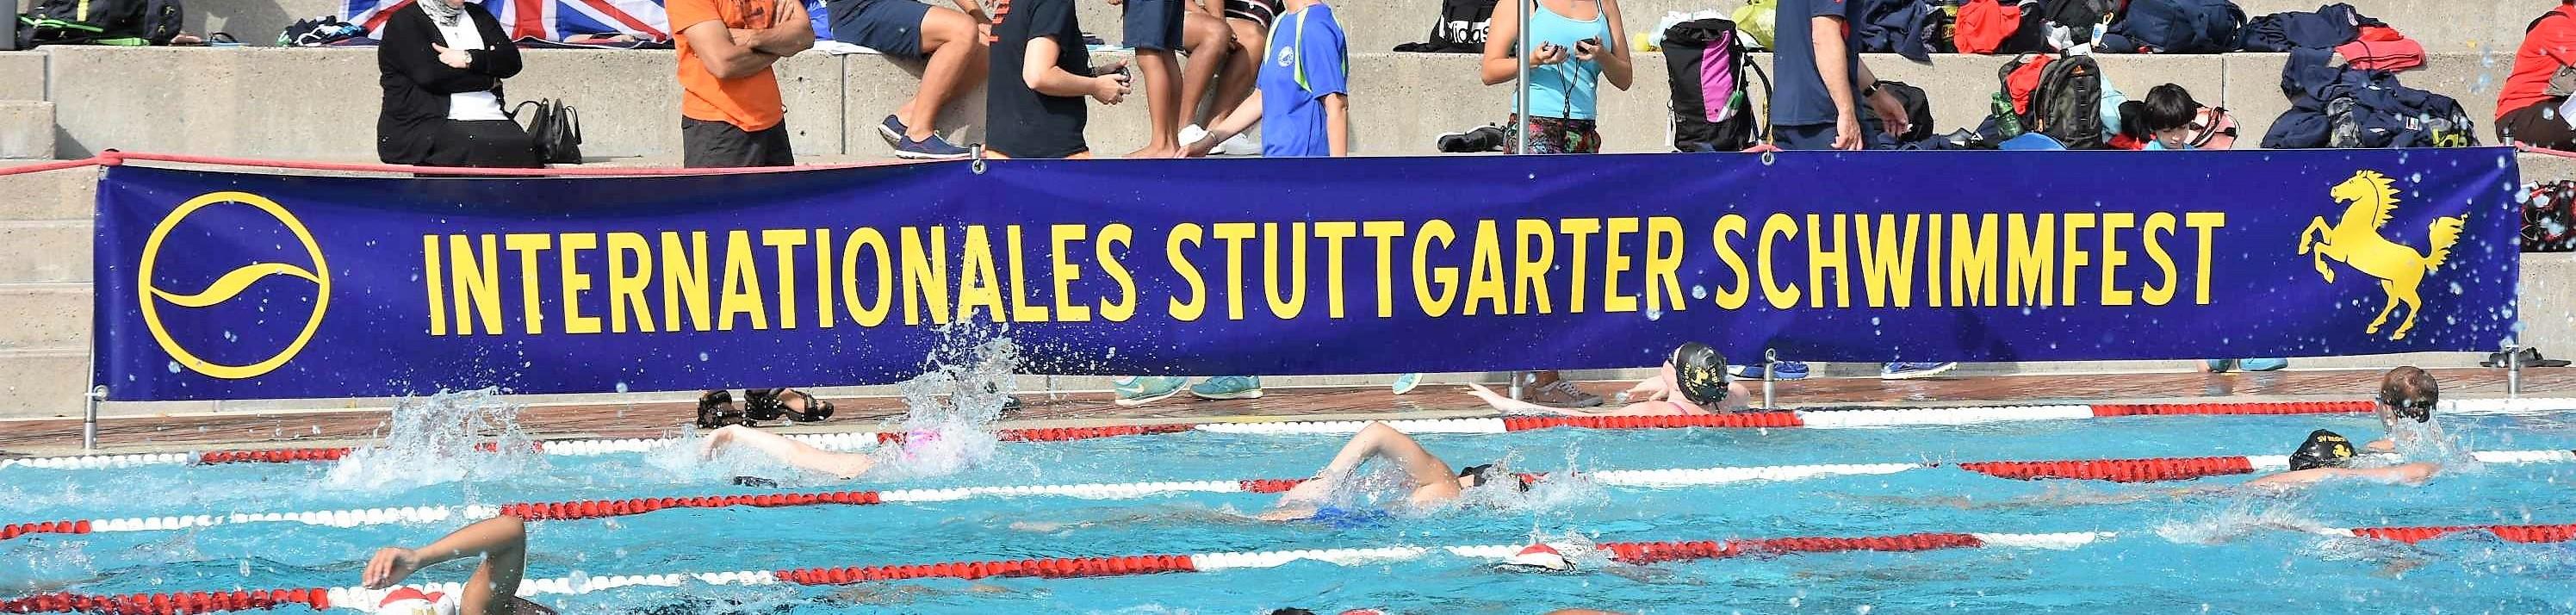 Der Banner des Internationeln Stuttgarter Schwimmfestes vom TB Cannstatt | Foto: TBC